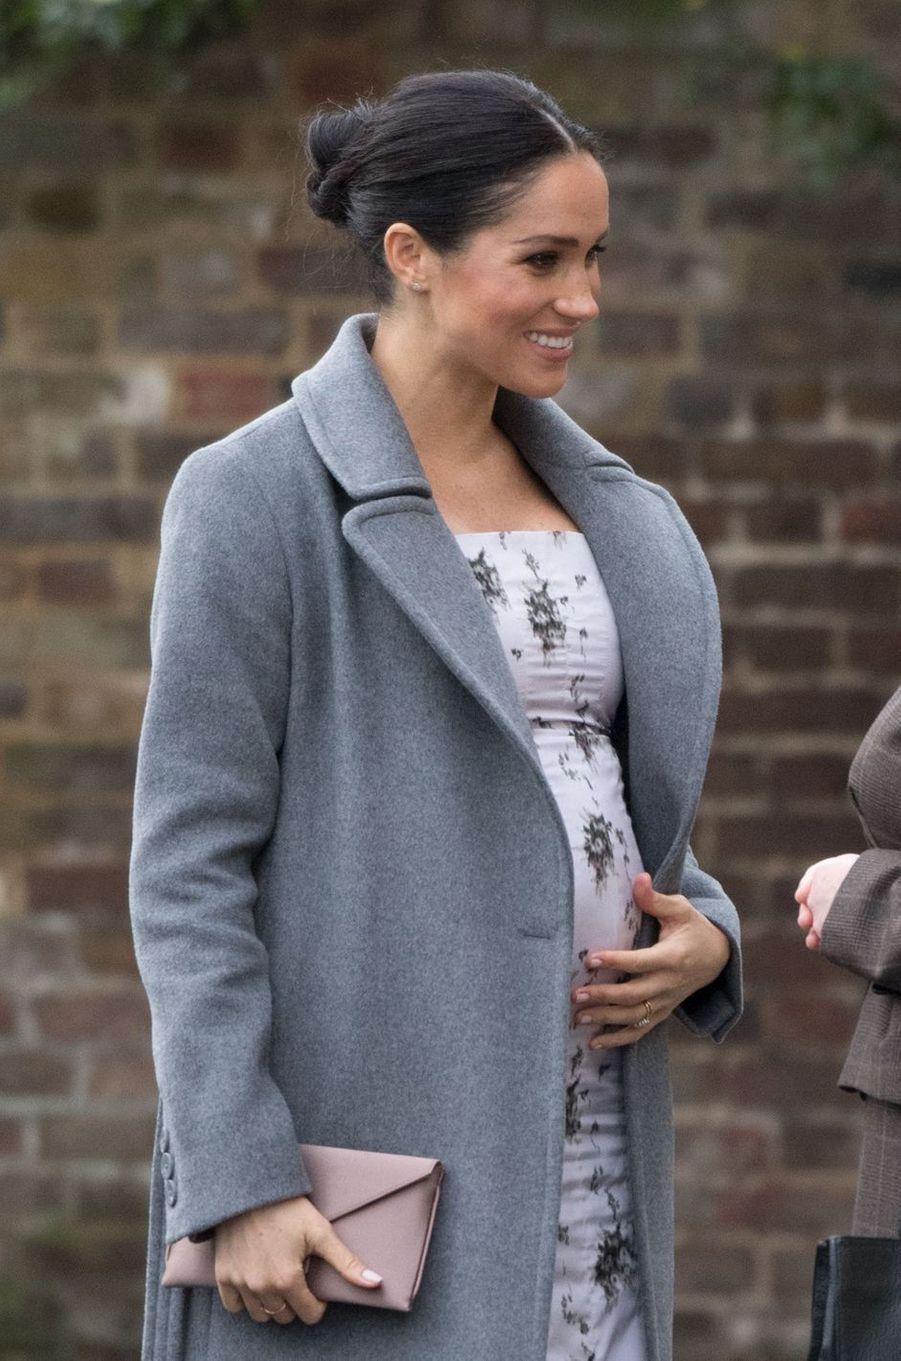 2019 - Meghan Markle, la duchesse de Sussex épouse du prince Harry, doit donner naissance à leur premier enfant